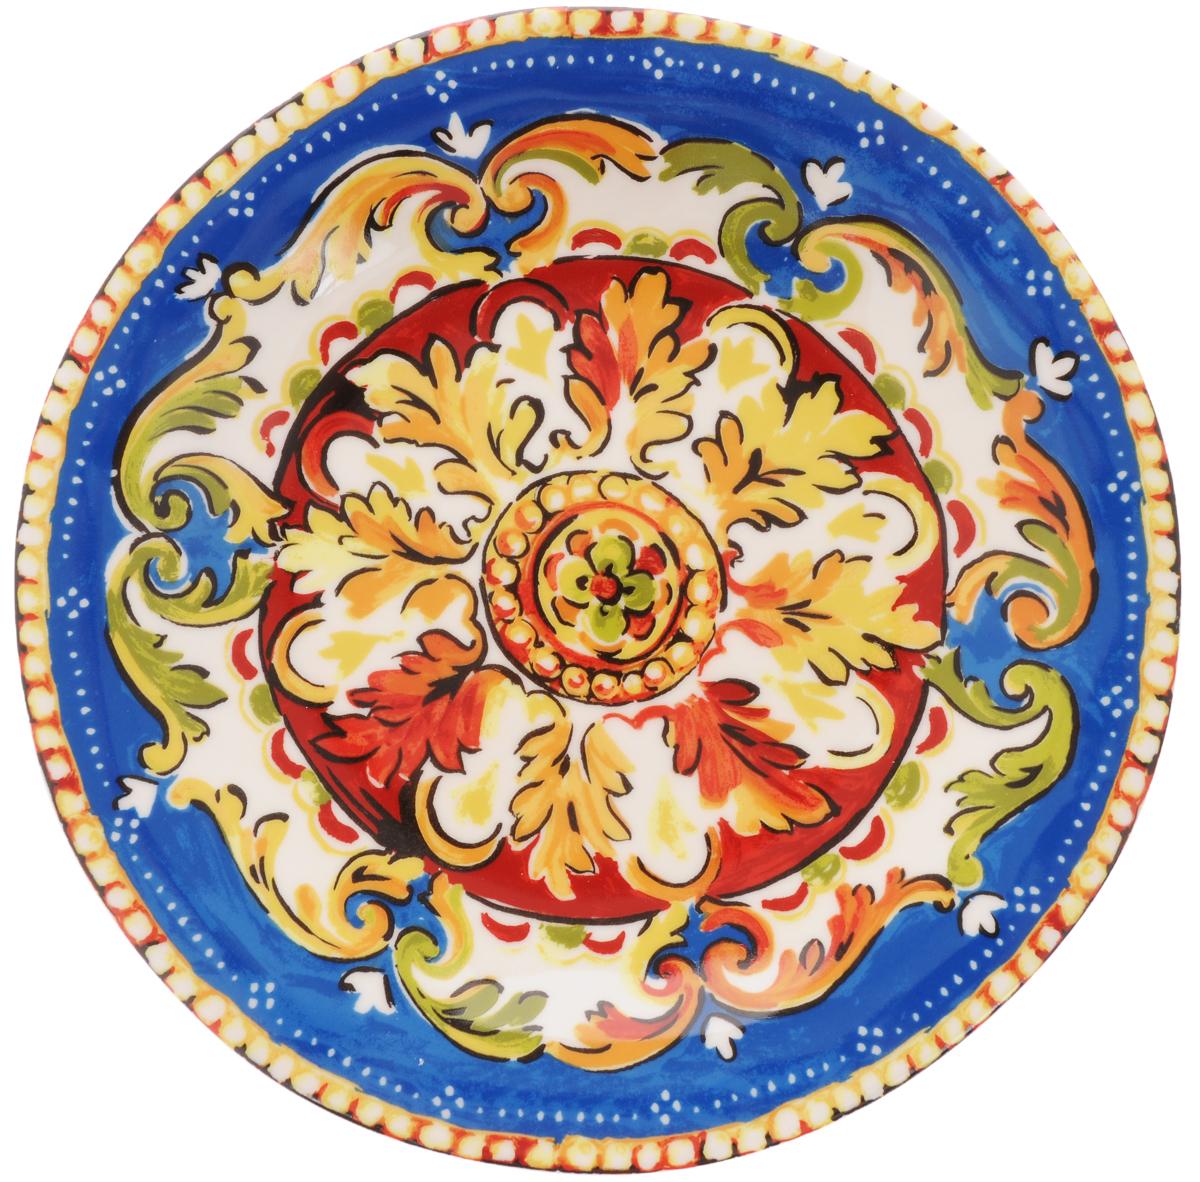 Тарелка обеденная Utana Оберон, диаметр 27 смUTOB41110Обеденная тарелка Utana Оберон изготовлена из высококачественной керамики. Многоступенчатый высокотемпературный обжиг, двухстороннее глазурование и использование подглазурных деколей обеспечивает прочность черепка керамической посуды, превращая его практически в камень, при этом защищая поверхность от царапин, а рисунок от истирания. Теплые краски глазури, плавные линии росписи, удобство, долговечность и безопасность, европейское качество и многовековая самобытность национального и культурного наследия индонезийских мастеров - вот то, что является отличительными признаками керамической посуды Utana. Любая коллекция этого производителя создает праздничное настроение и уют в каждом доме. Посуда из керамики, имеющая знак 222 FIFHT, - особая линия посуды, очень популярная в Европе и США, каждый дизайн которой уникален и спустя годы будет так же великолепно свеж и привлекателен. Посуду можно использовать в СВЧ и мыть в посудомоечных машинах.